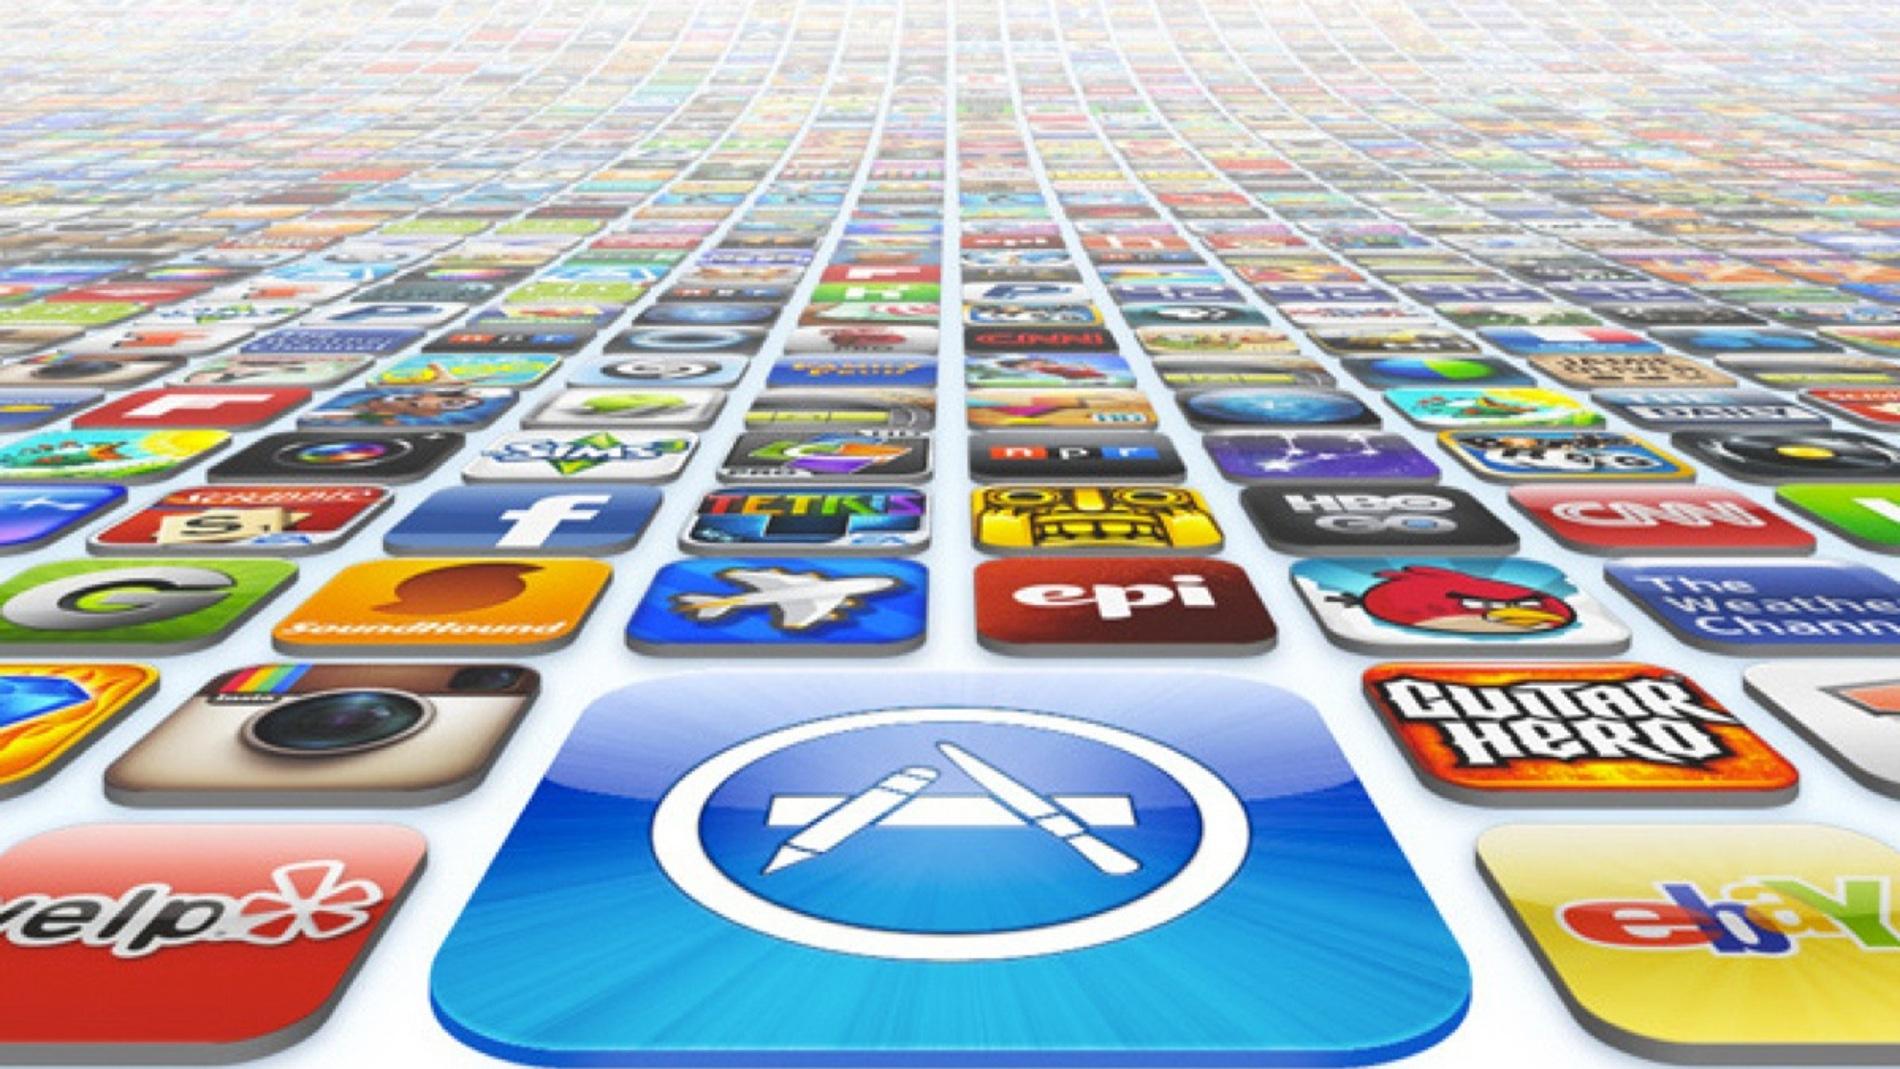 Mercado de aplicaciones móviles